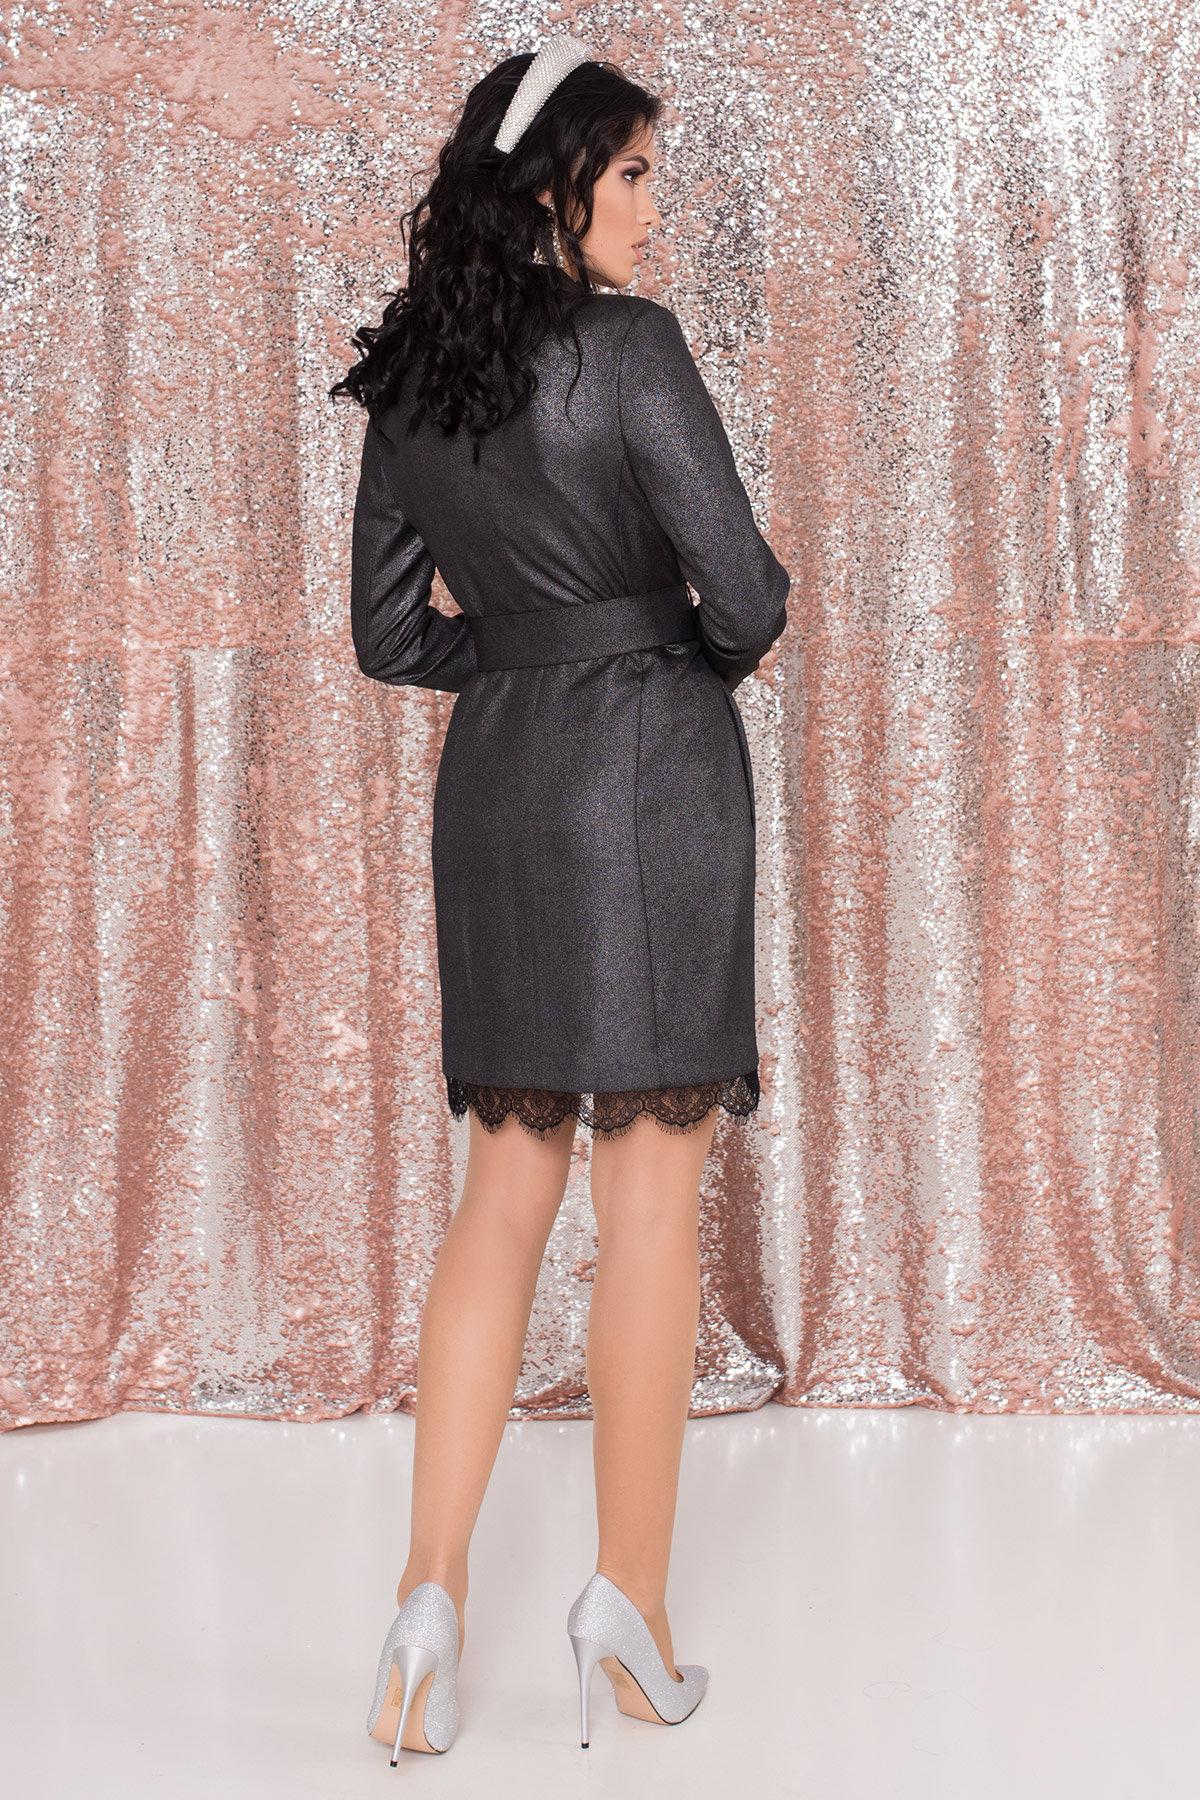 Платье-жакет Маренго 8587 АРТ. 44899 Цвет: Черный - фото 6, интернет магазин tm-modus.ru